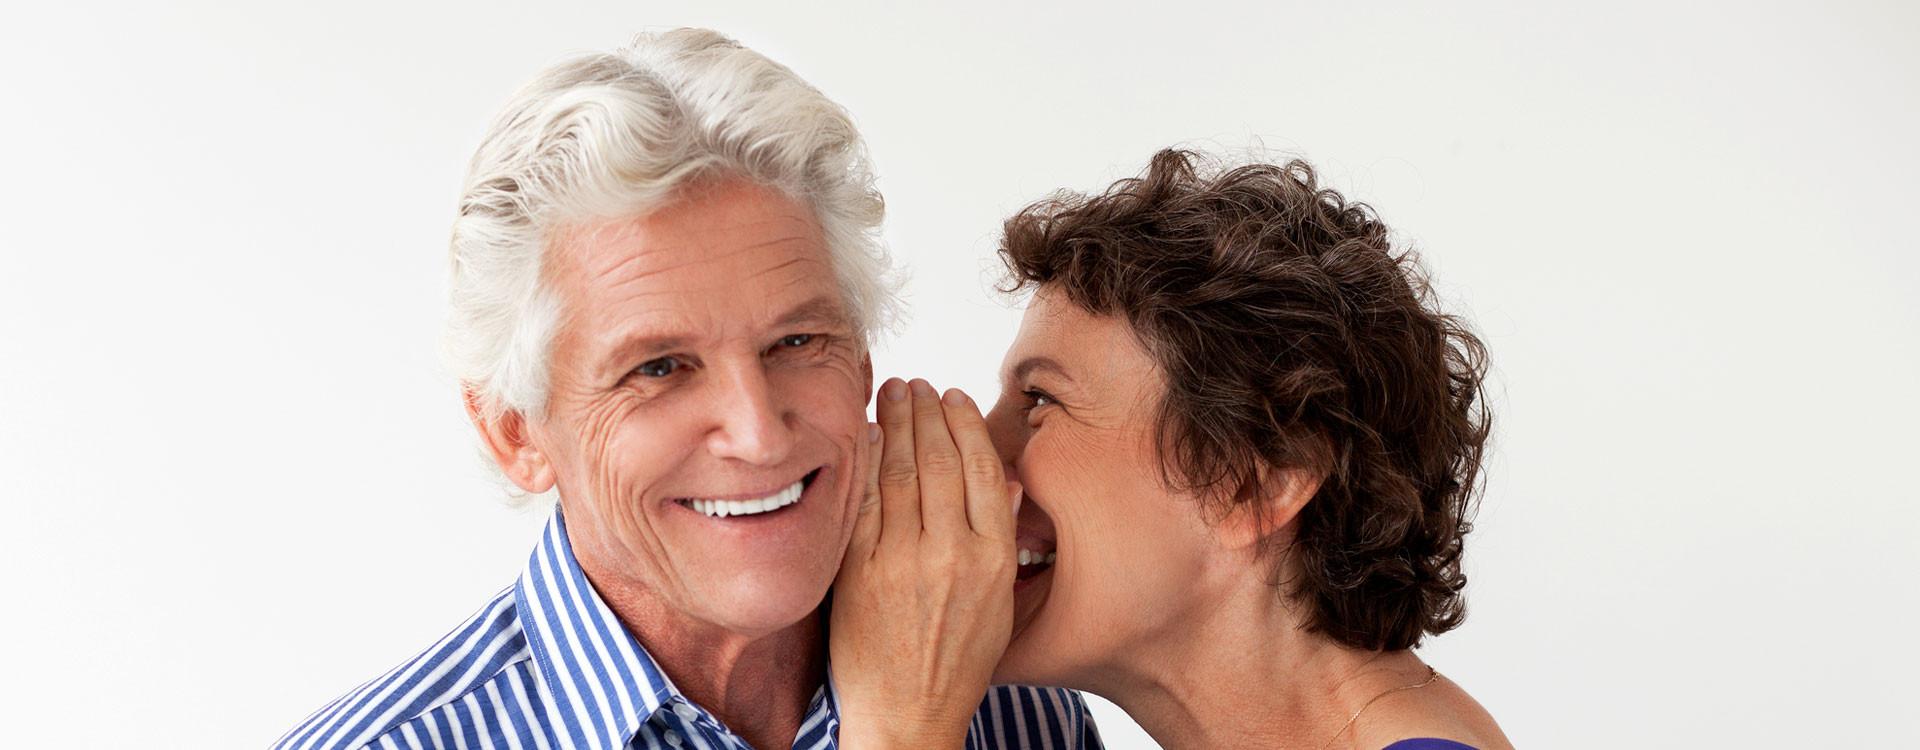 Słuch: badanie i leczenie